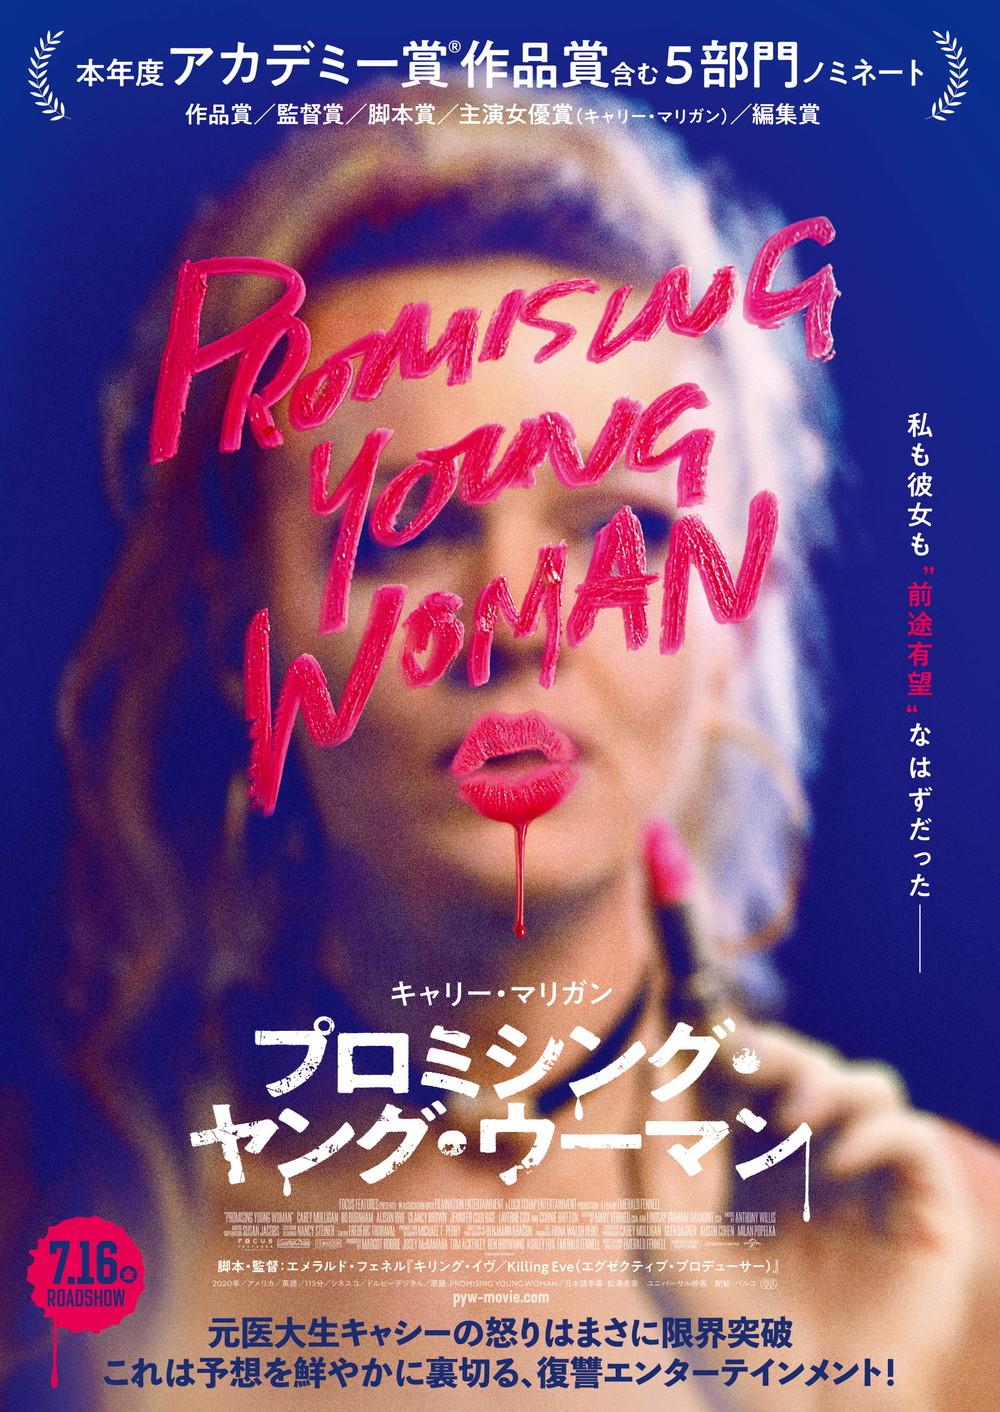 映画『プロミシング・ヤング・ウーマン』ポスター